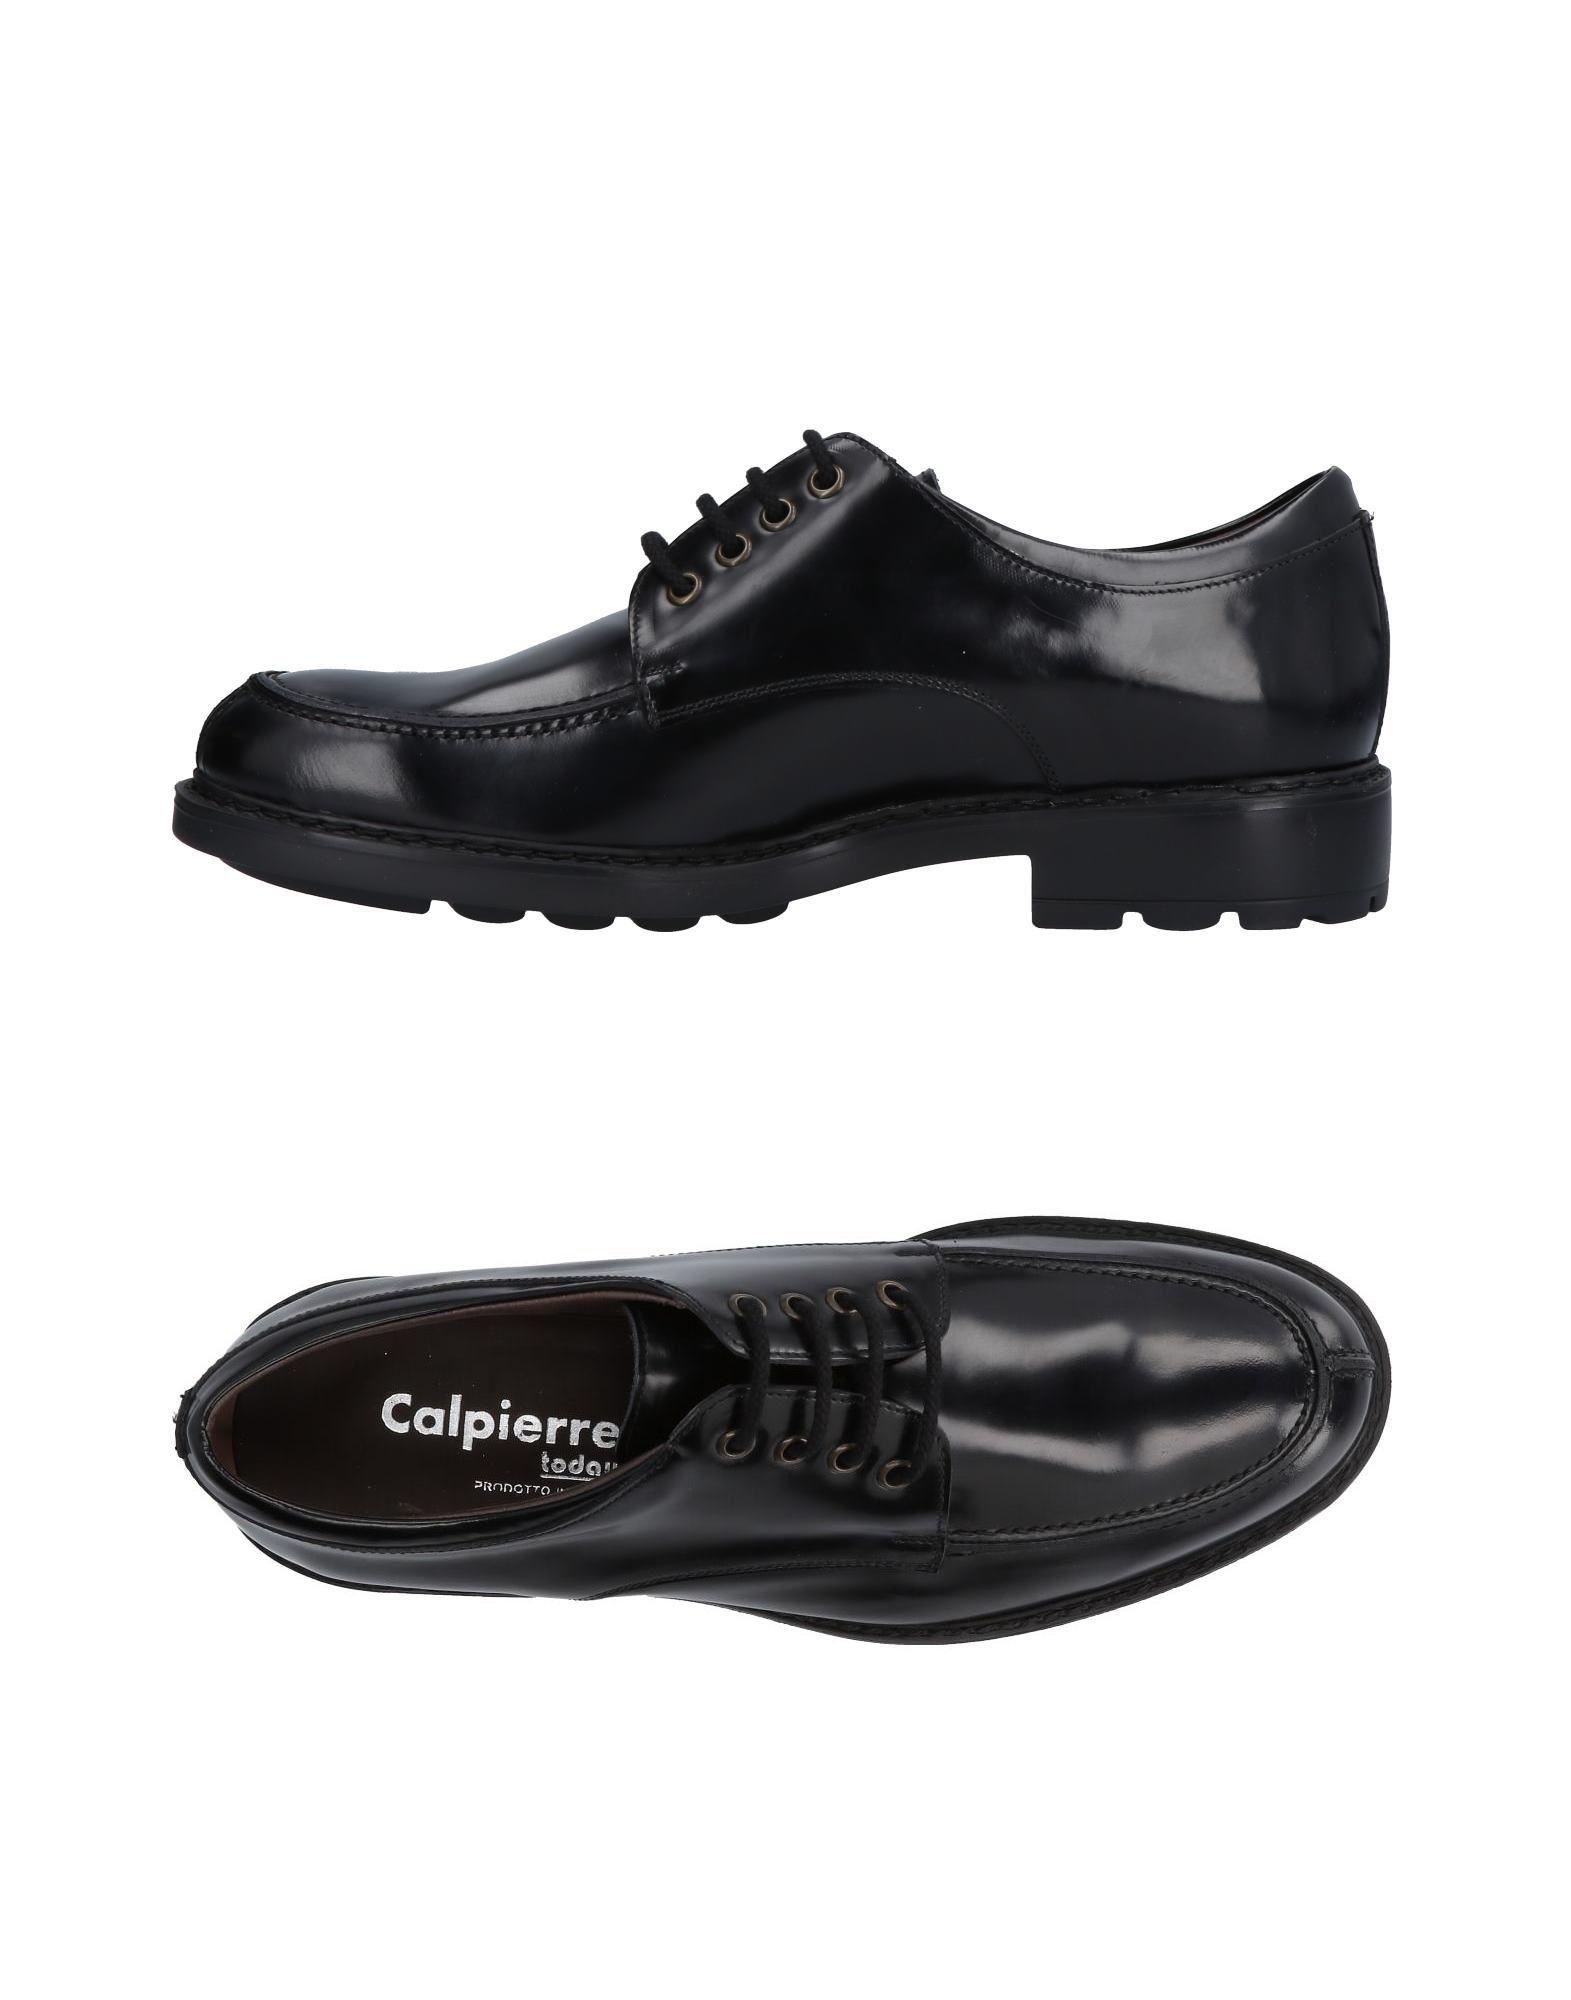 Rabatt echte Schnürschuhe Schuhe Today By Calpierre Schnürschuhe echte Herren  11460448KW 51b1c3